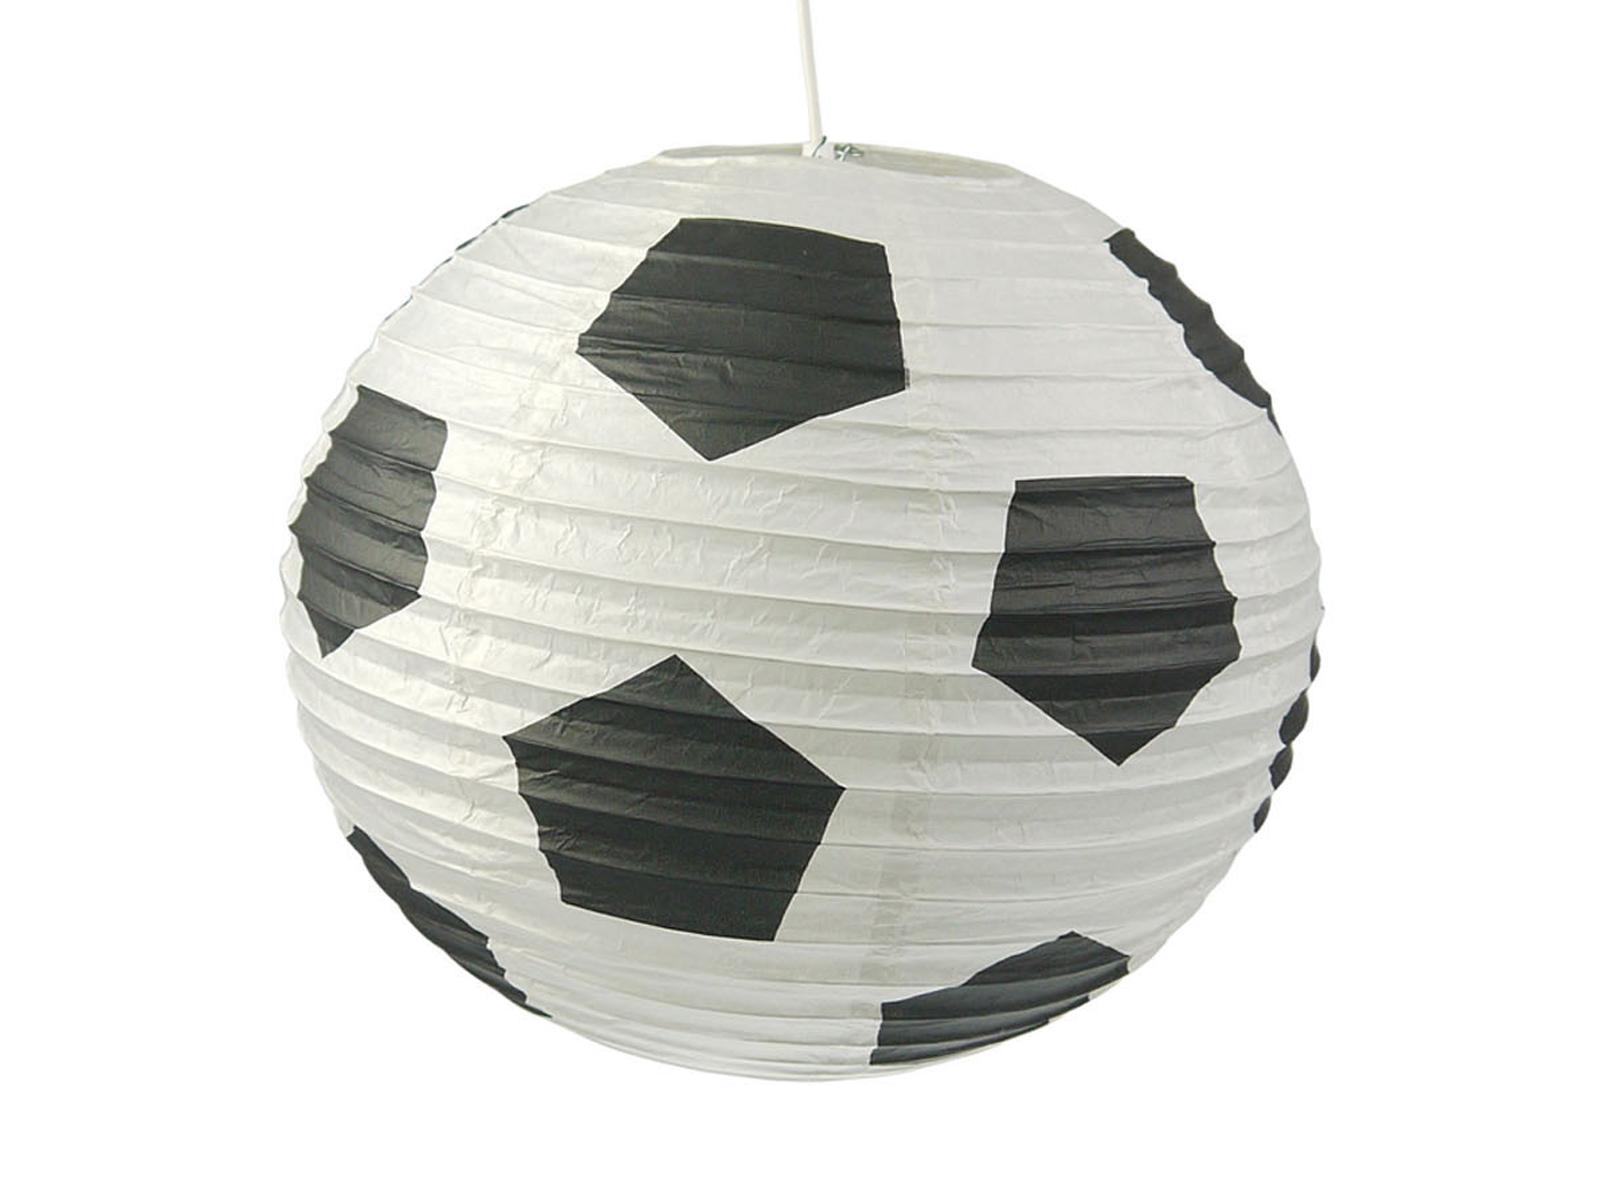 Lampion Kugel Fussball Motiv Ballon Lampe Papier Lampenschirm für ...